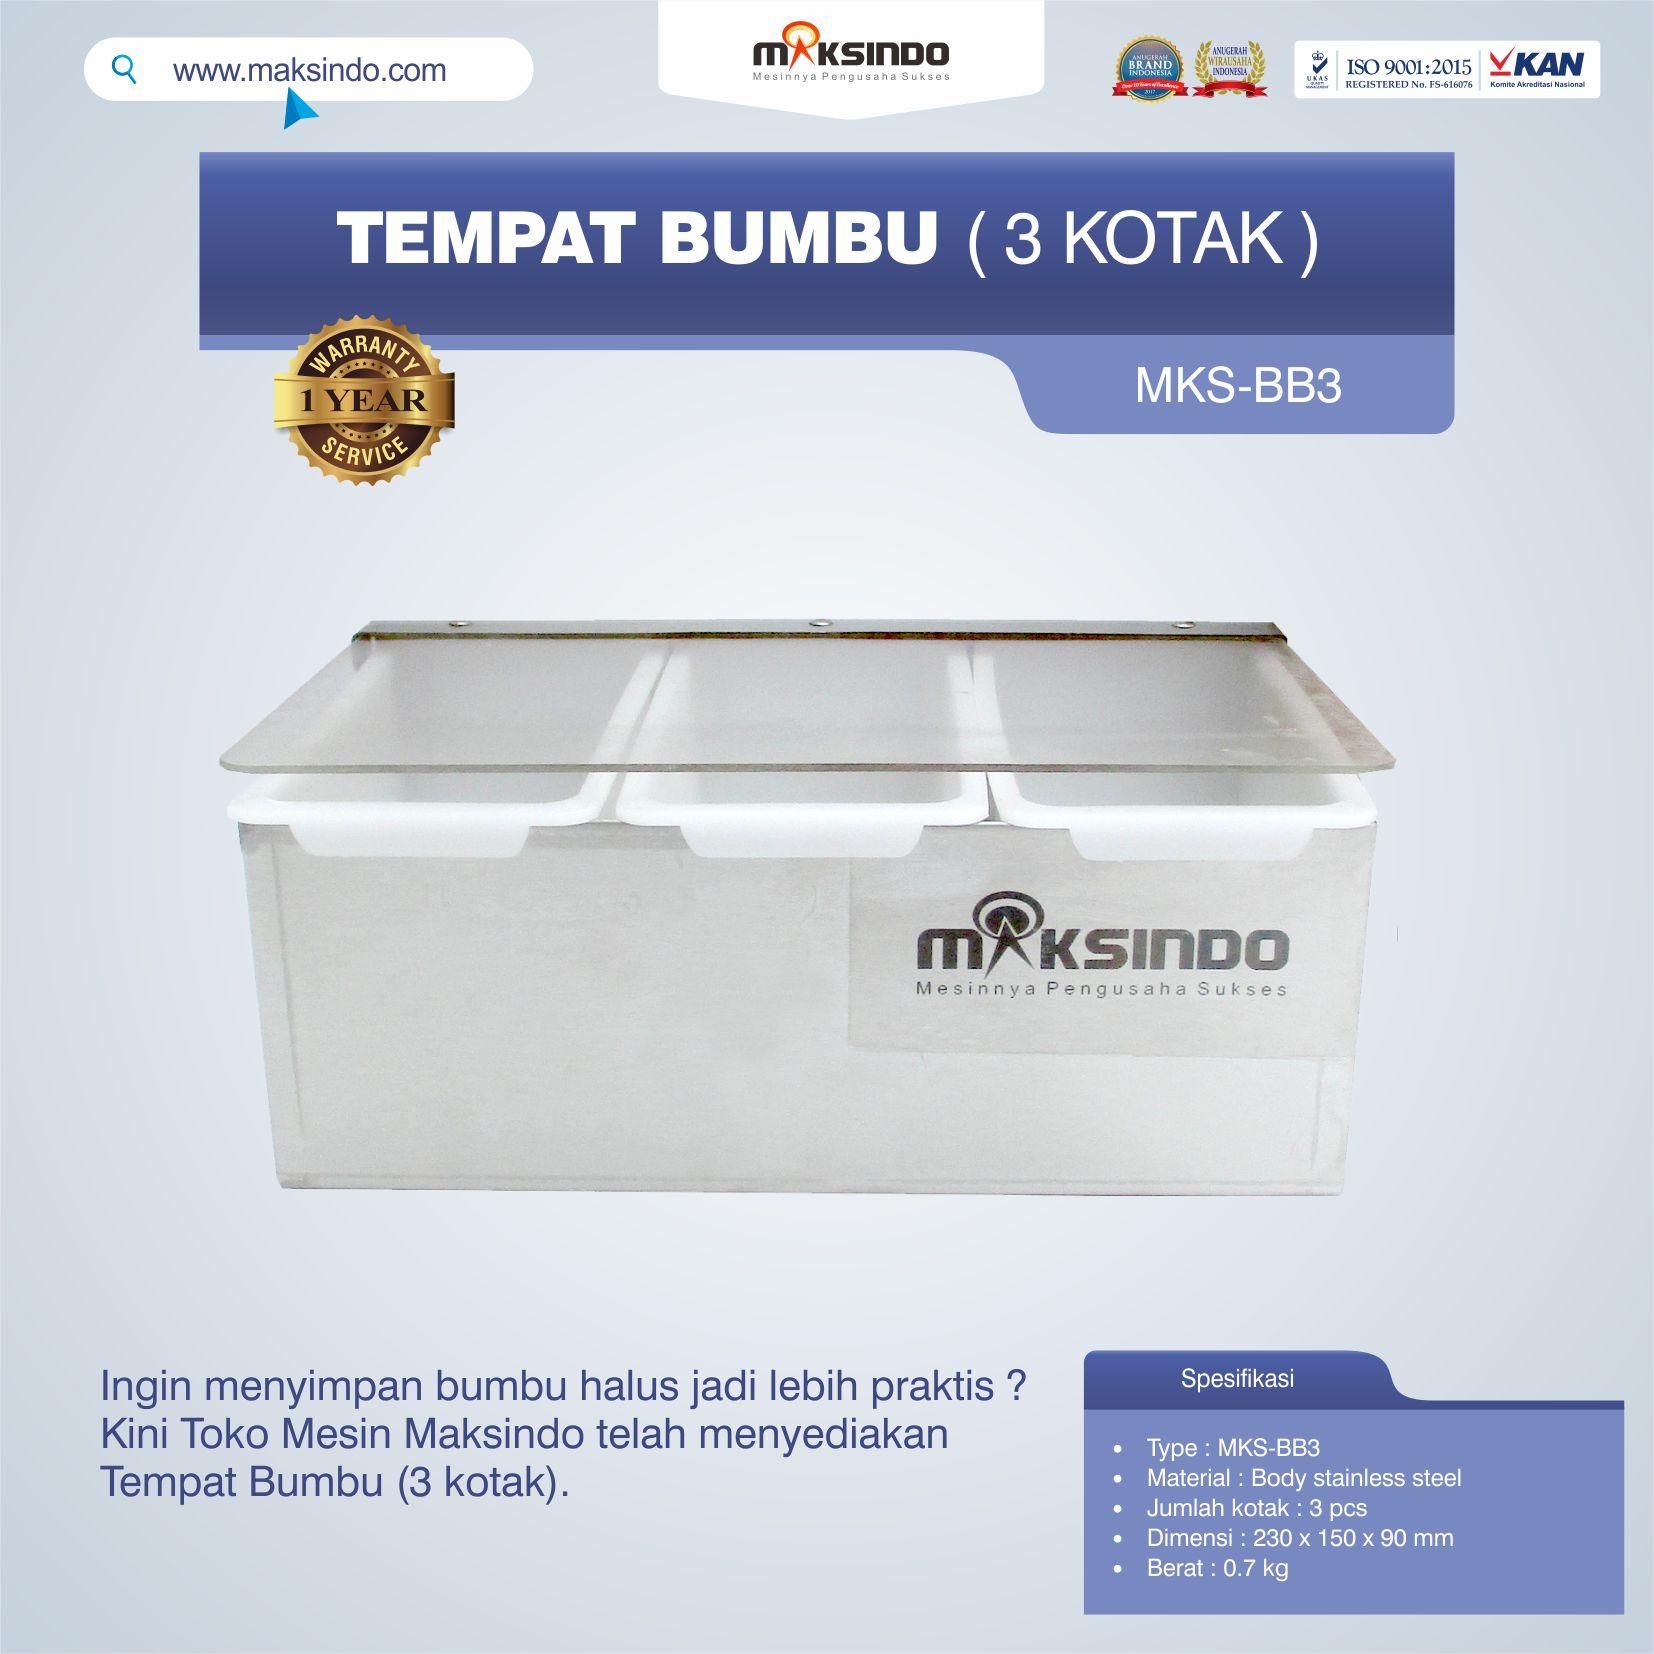 Jual Tempat Bumbu (3 kotak) di Semarang